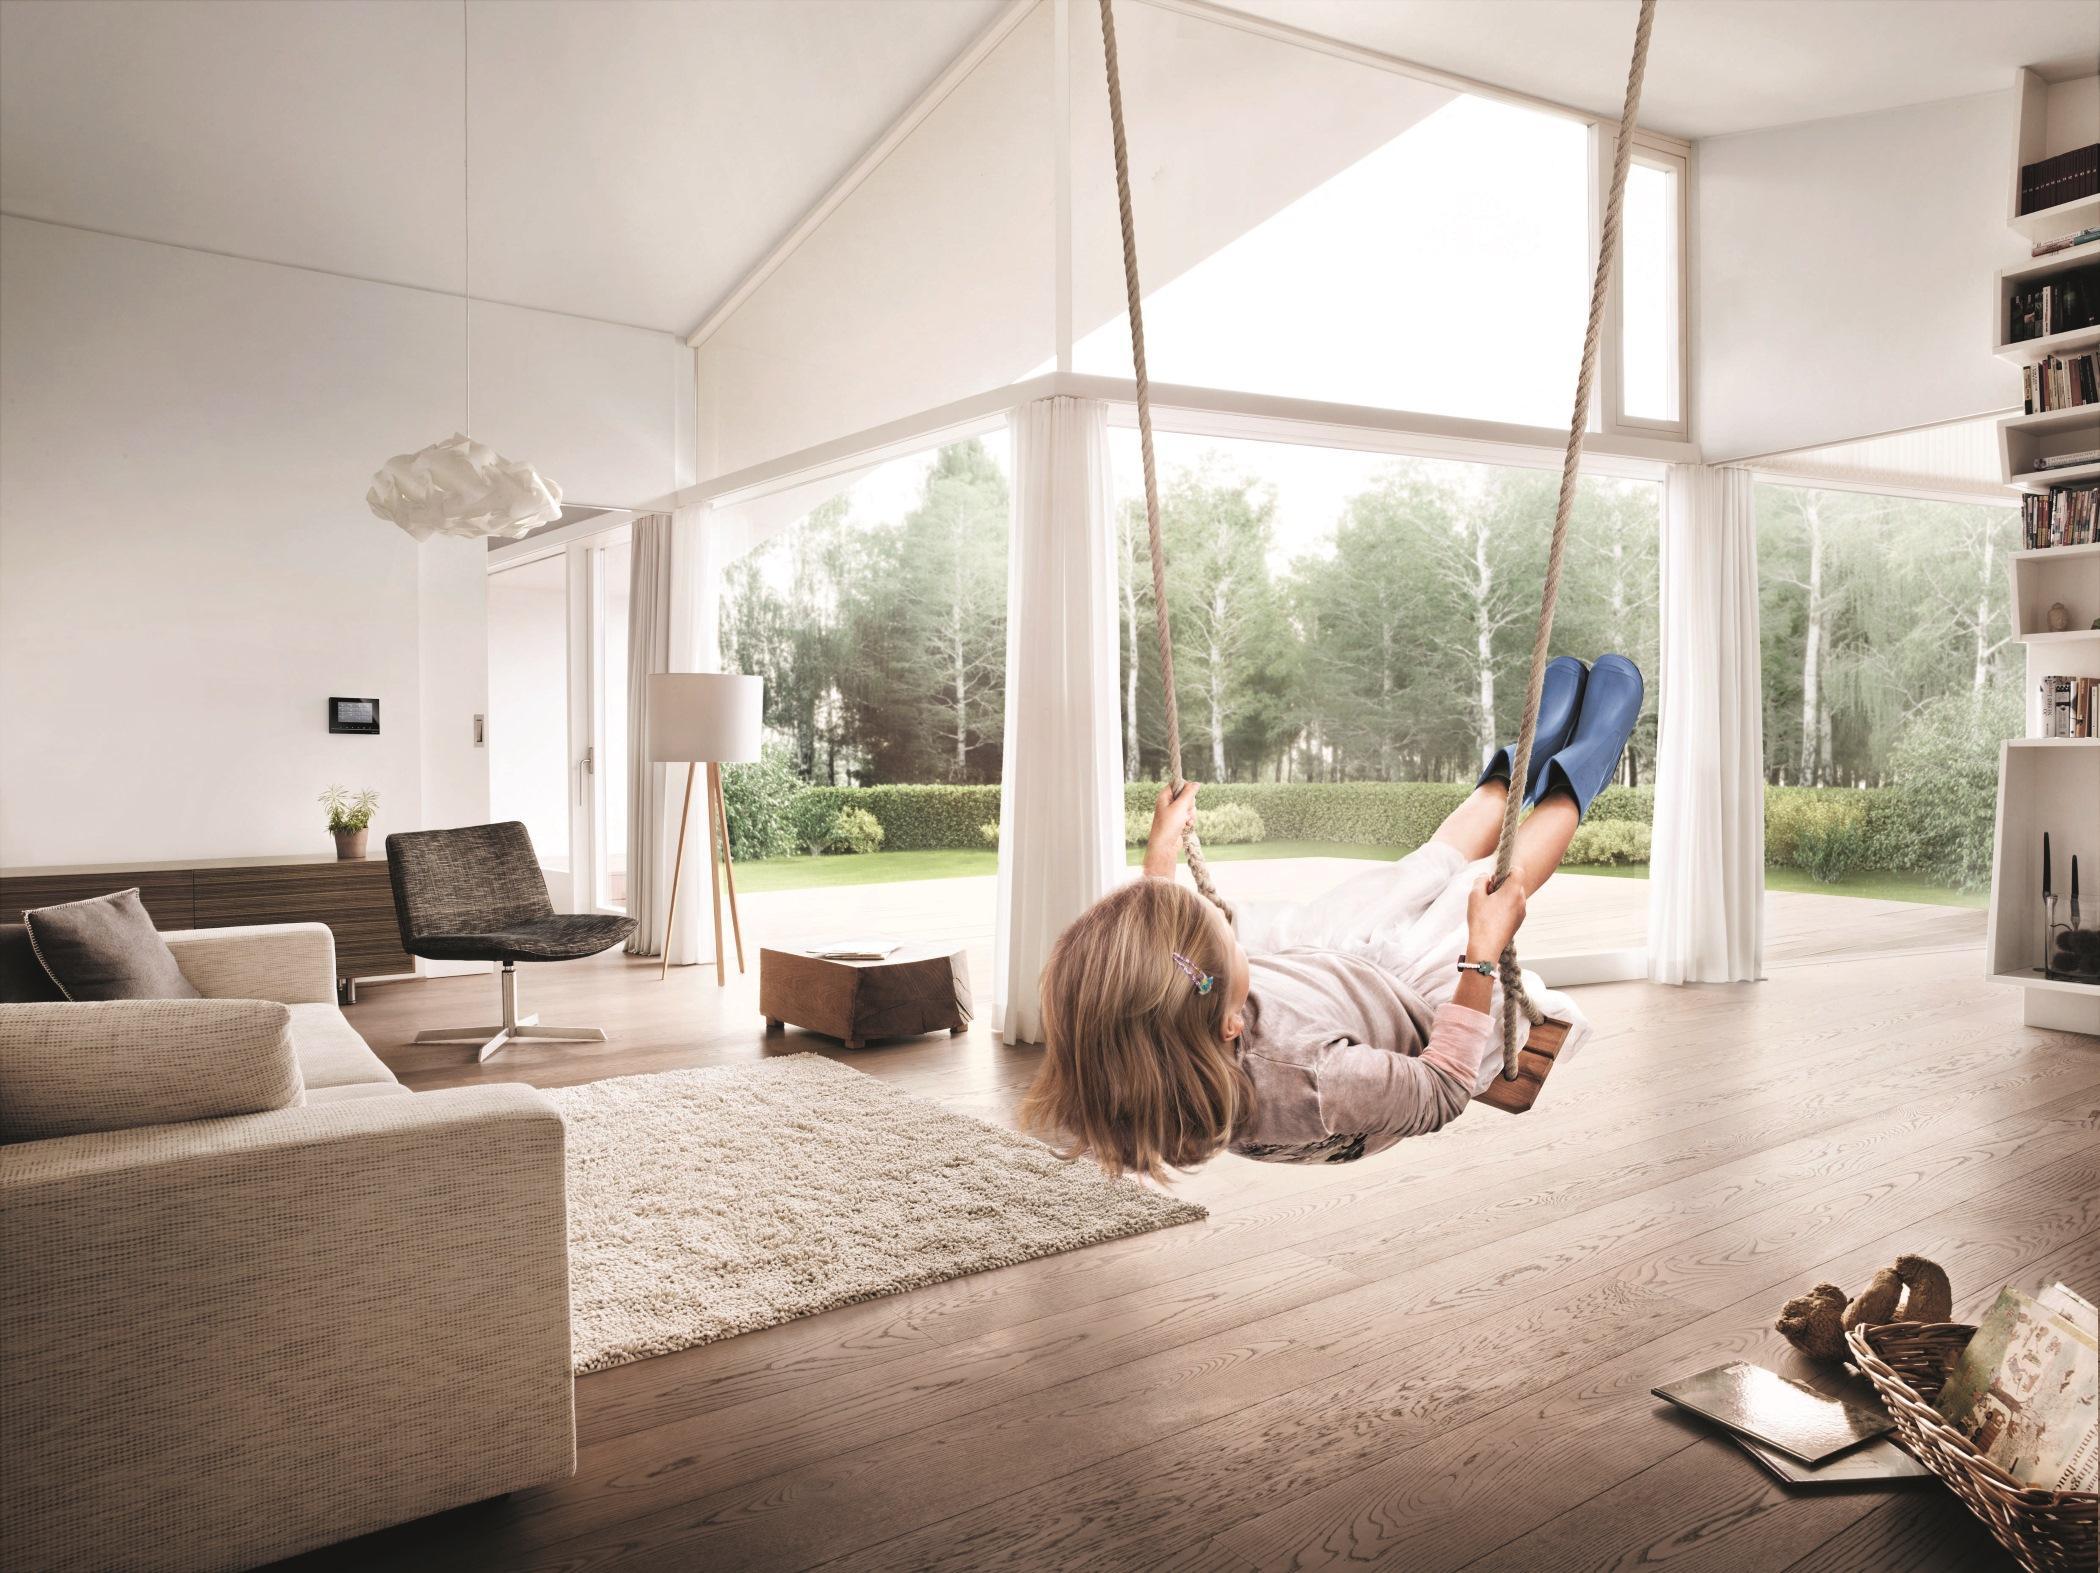 Schaukel Im Wohnzimmer Wohnzimmergestaltung Smarthome Panoramafenster Moderneswohnzimmer CBUSCH